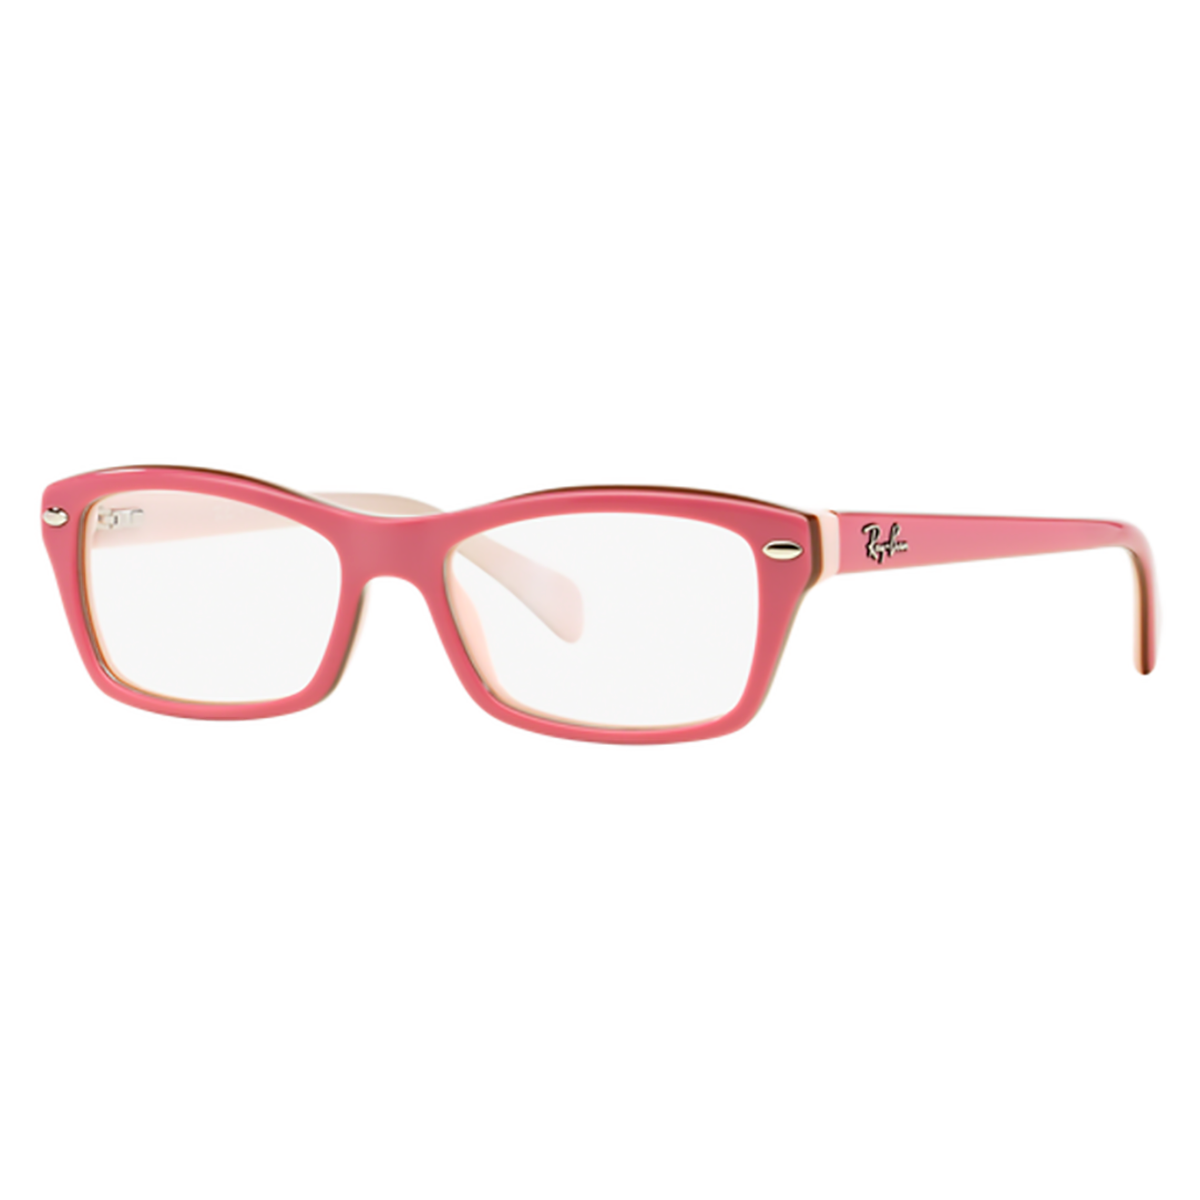 2d14e92a3182e Compre Óculos de Grau Ray Ban Infantil em 10X